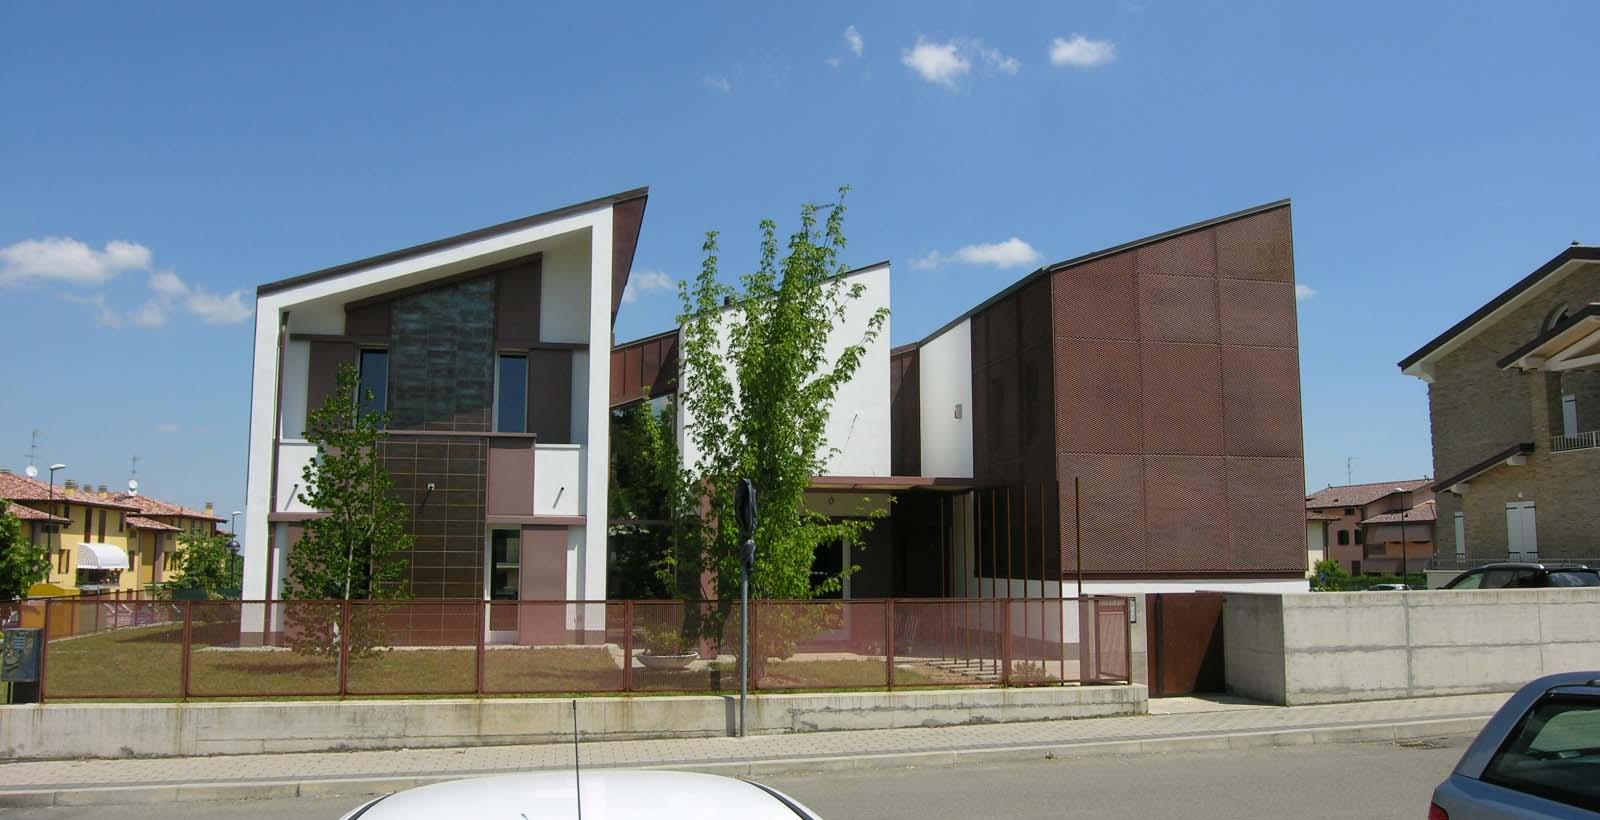 La propria casa manifesto della personale concezione dell for Costo della costruzione dell edificio